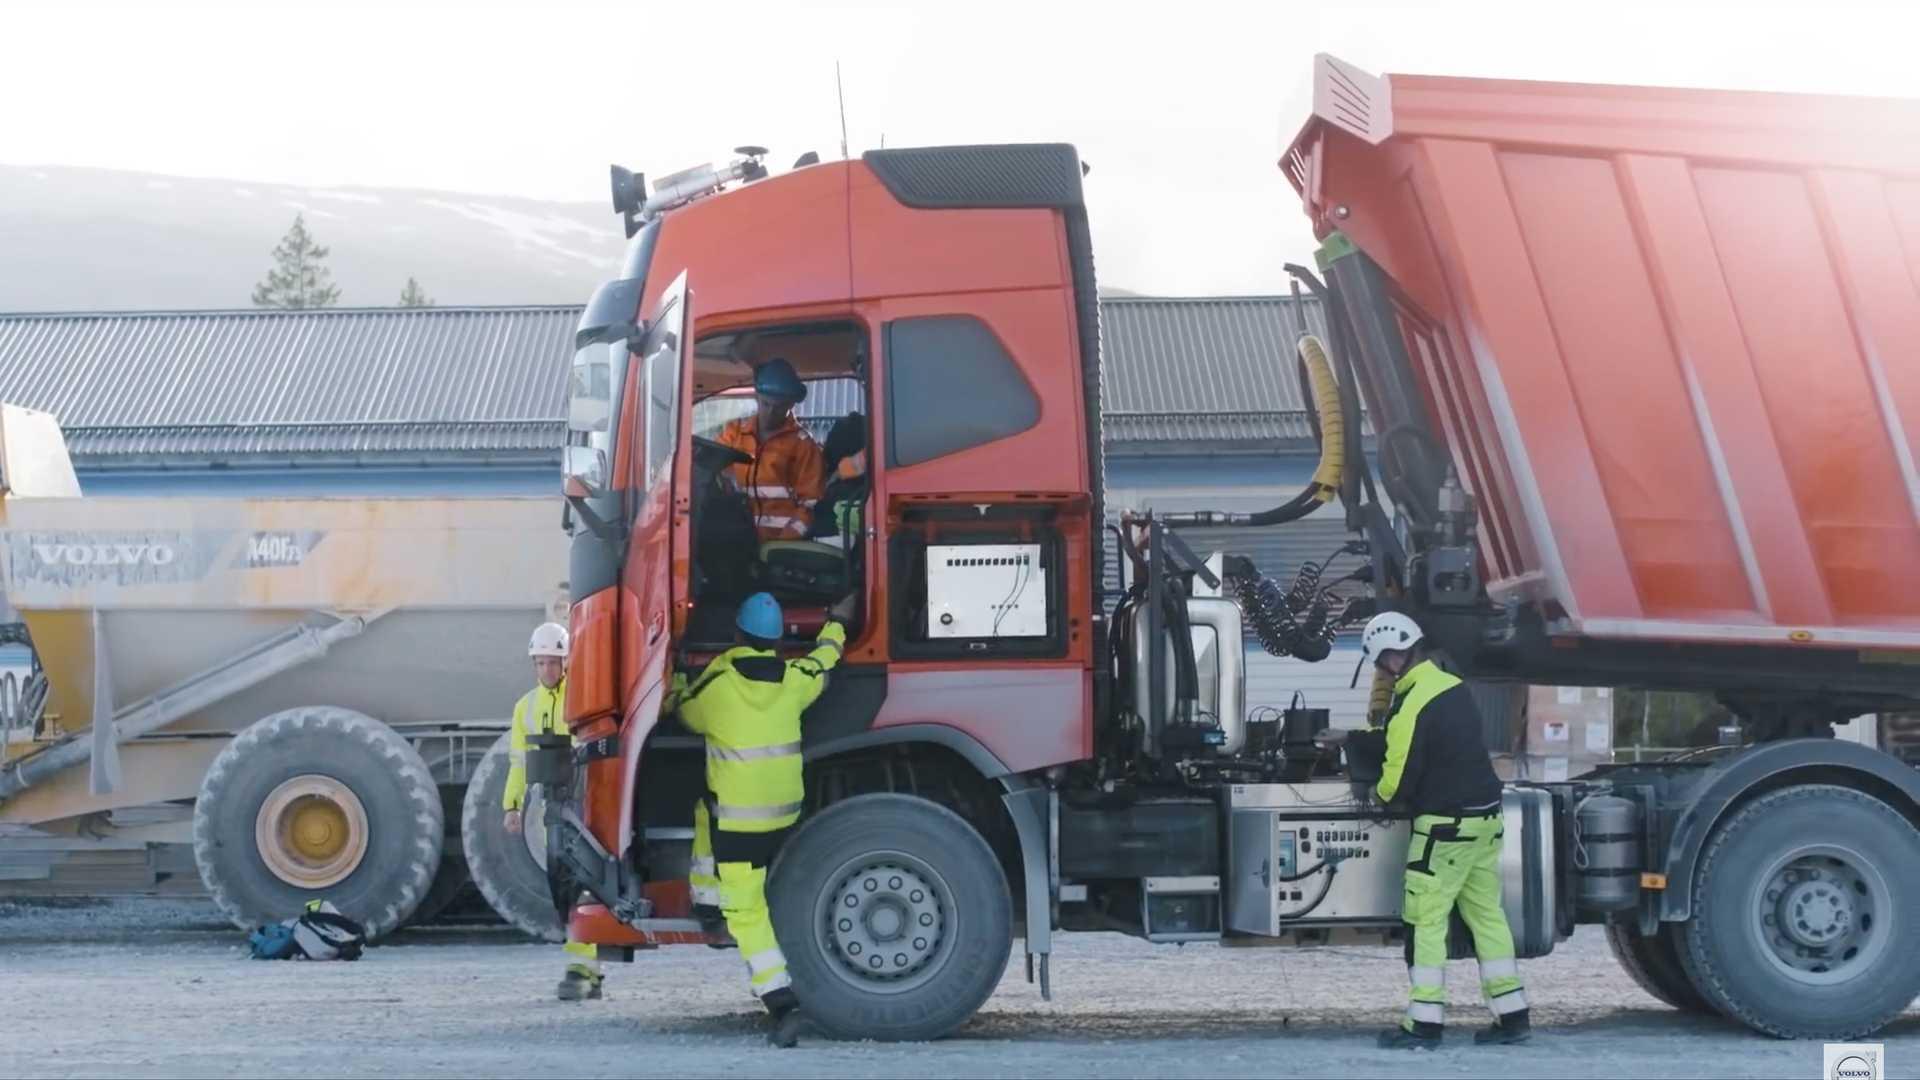 کامیون های خودران ولوو در معدن سنگ آهک نروژ